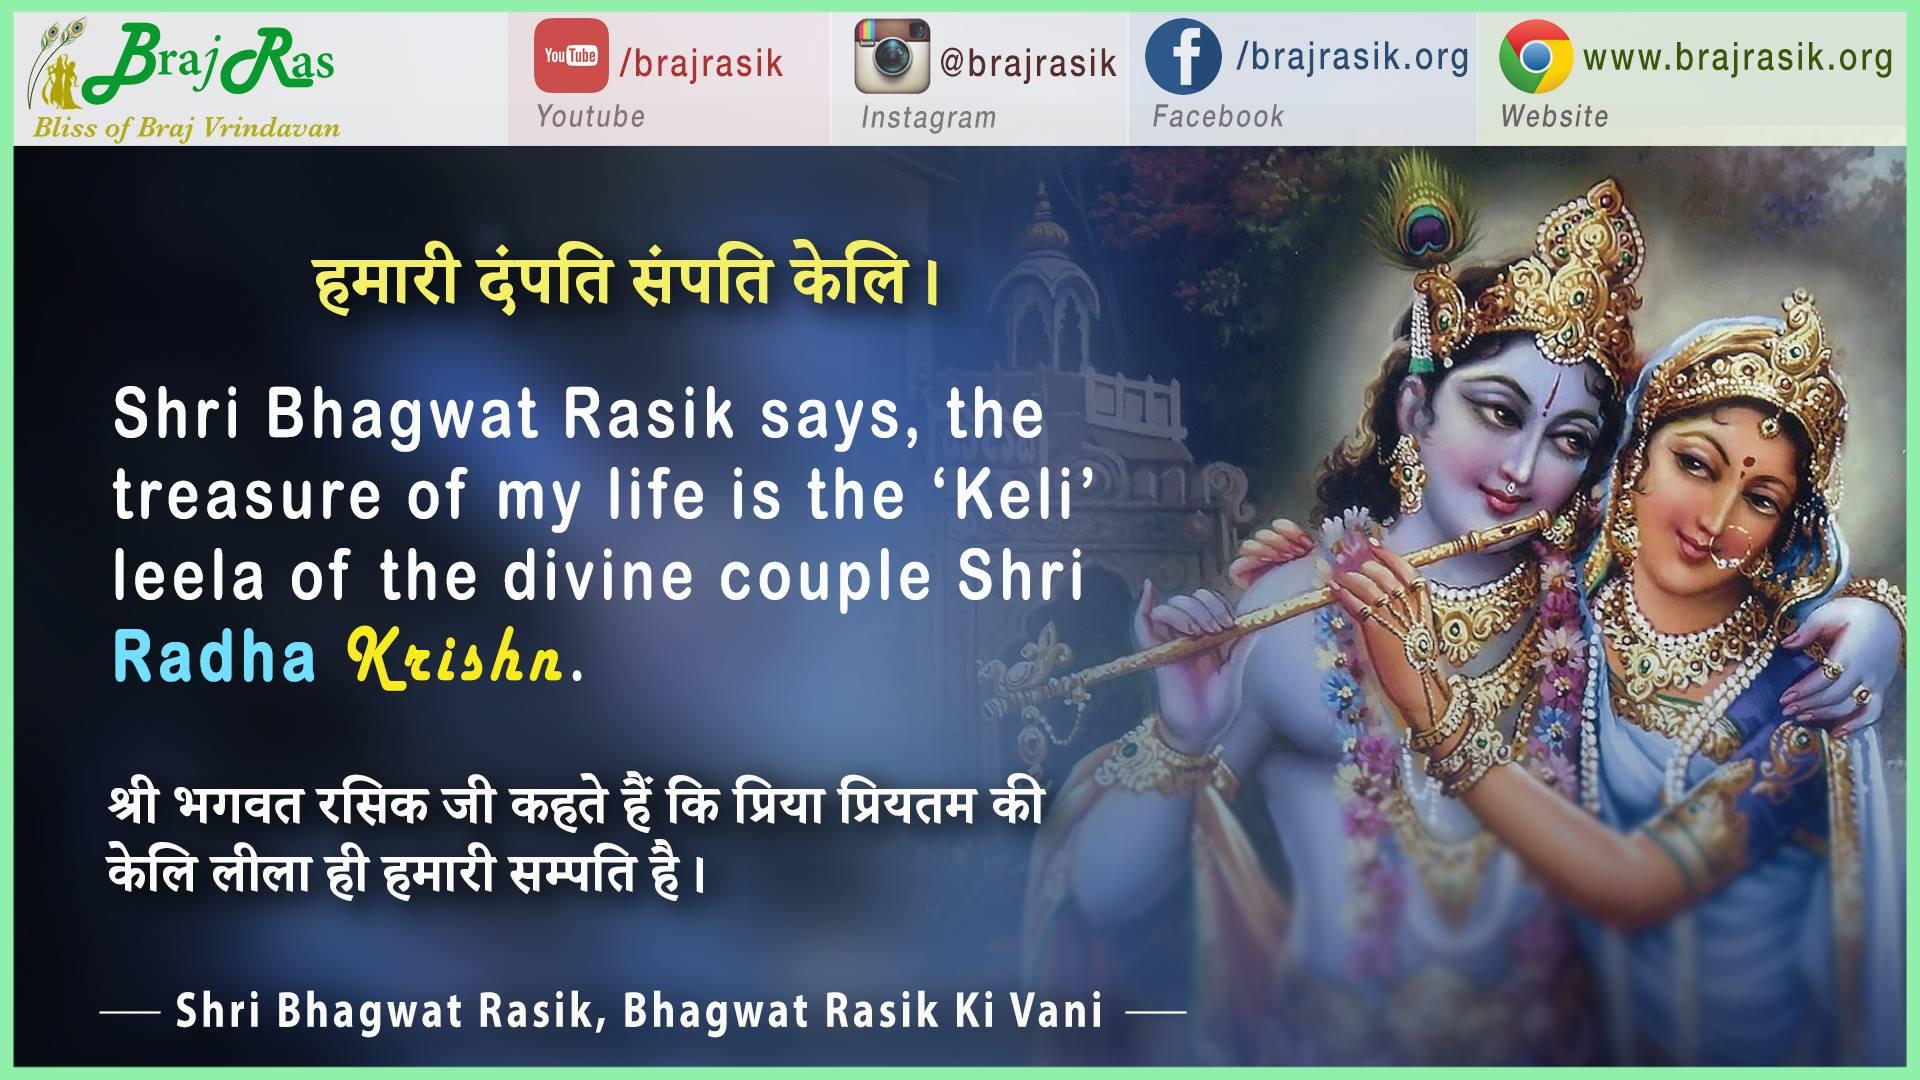 Humari Dampati Sampati Keli - Shri Bhagwat Rasik, Bhagwat Rasik Ki Vani